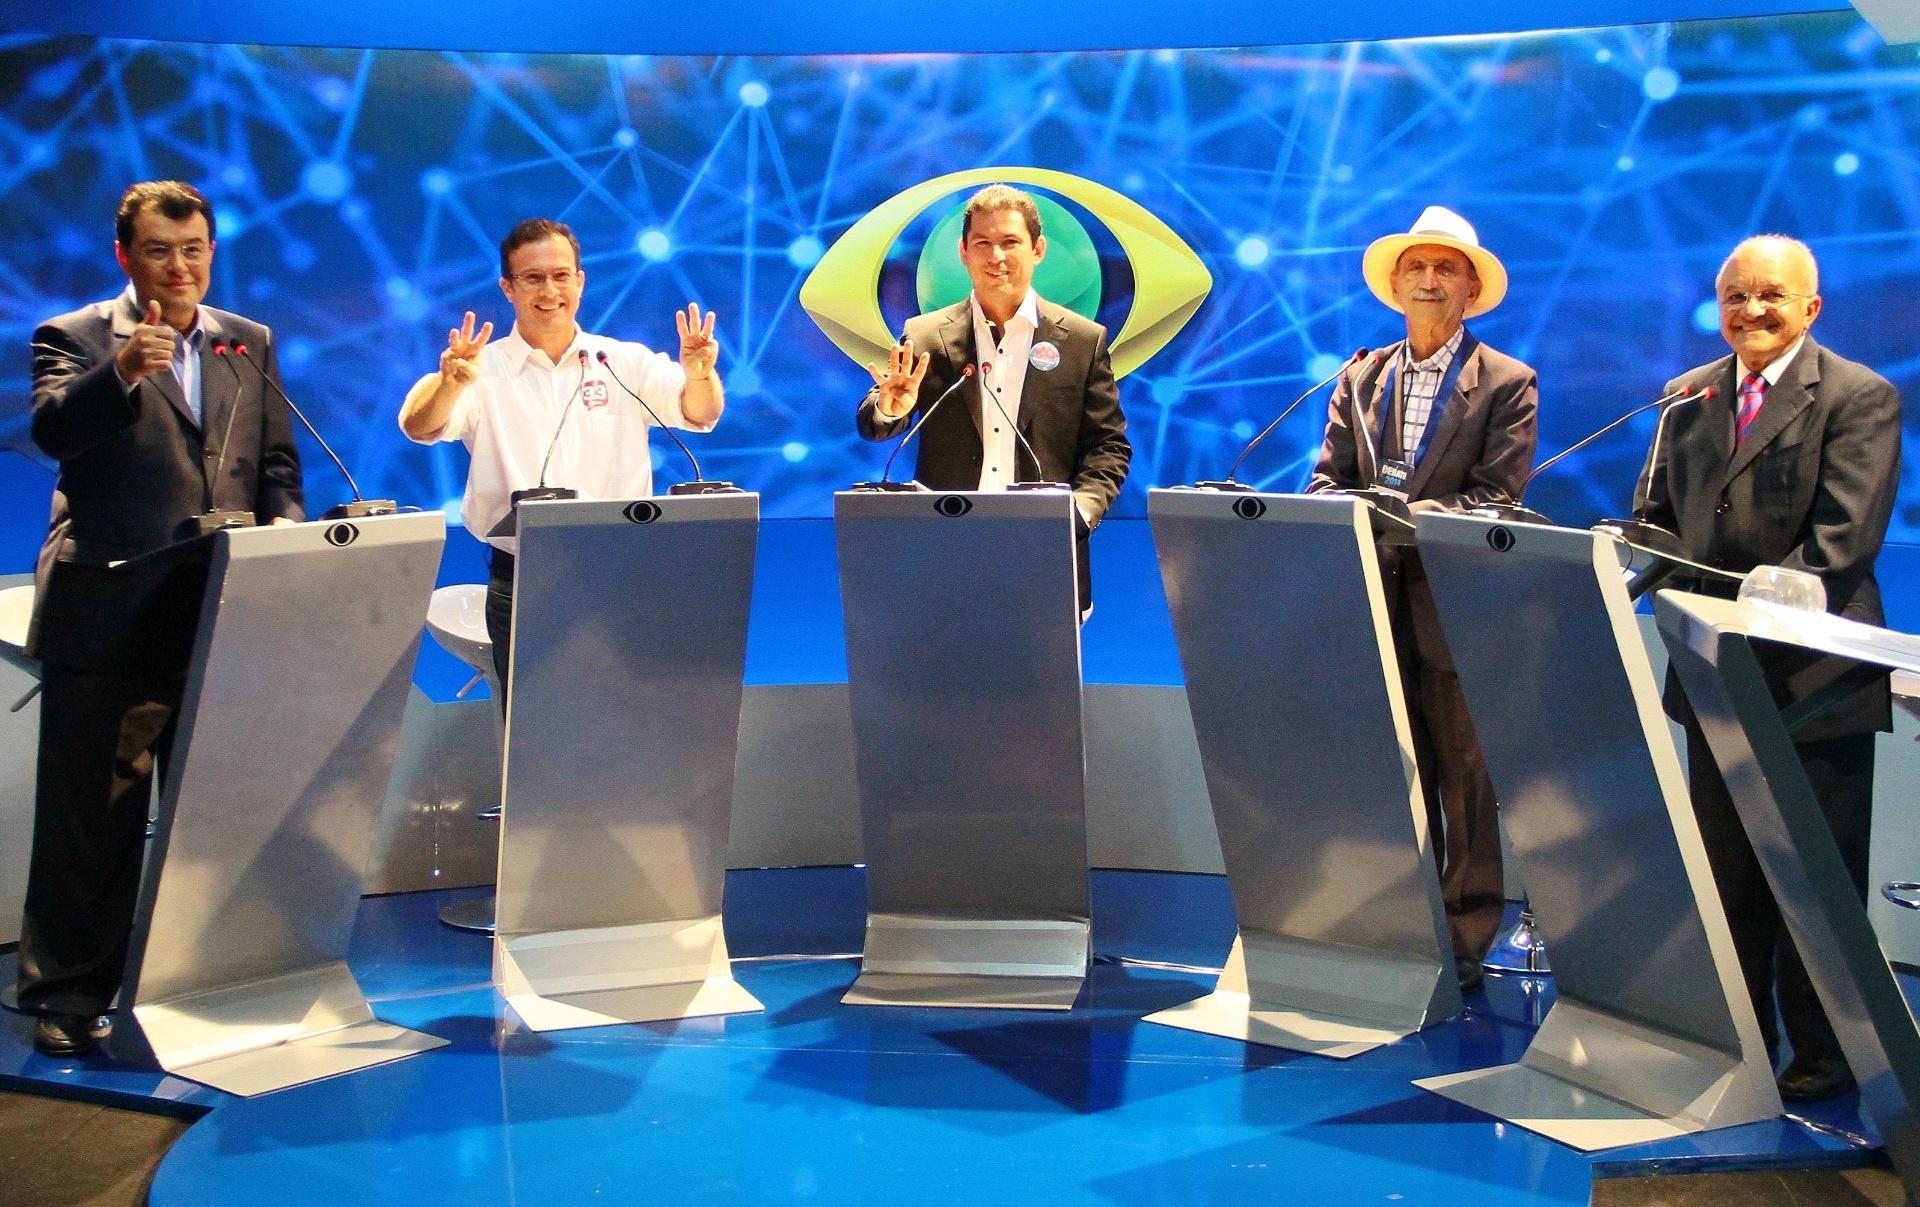 28.ago.2014 - Participam de debate os candidatos ao governo do Amazonas, da esquerda para a direita, Eduardo Braga (PMDB), Chico Preto (PMN), Marcelo Ramos (PSB), Abel Alves (PSOL) e José Melo (Pros), que é o atual governador, na sede do Band Amazonas, em Manaus